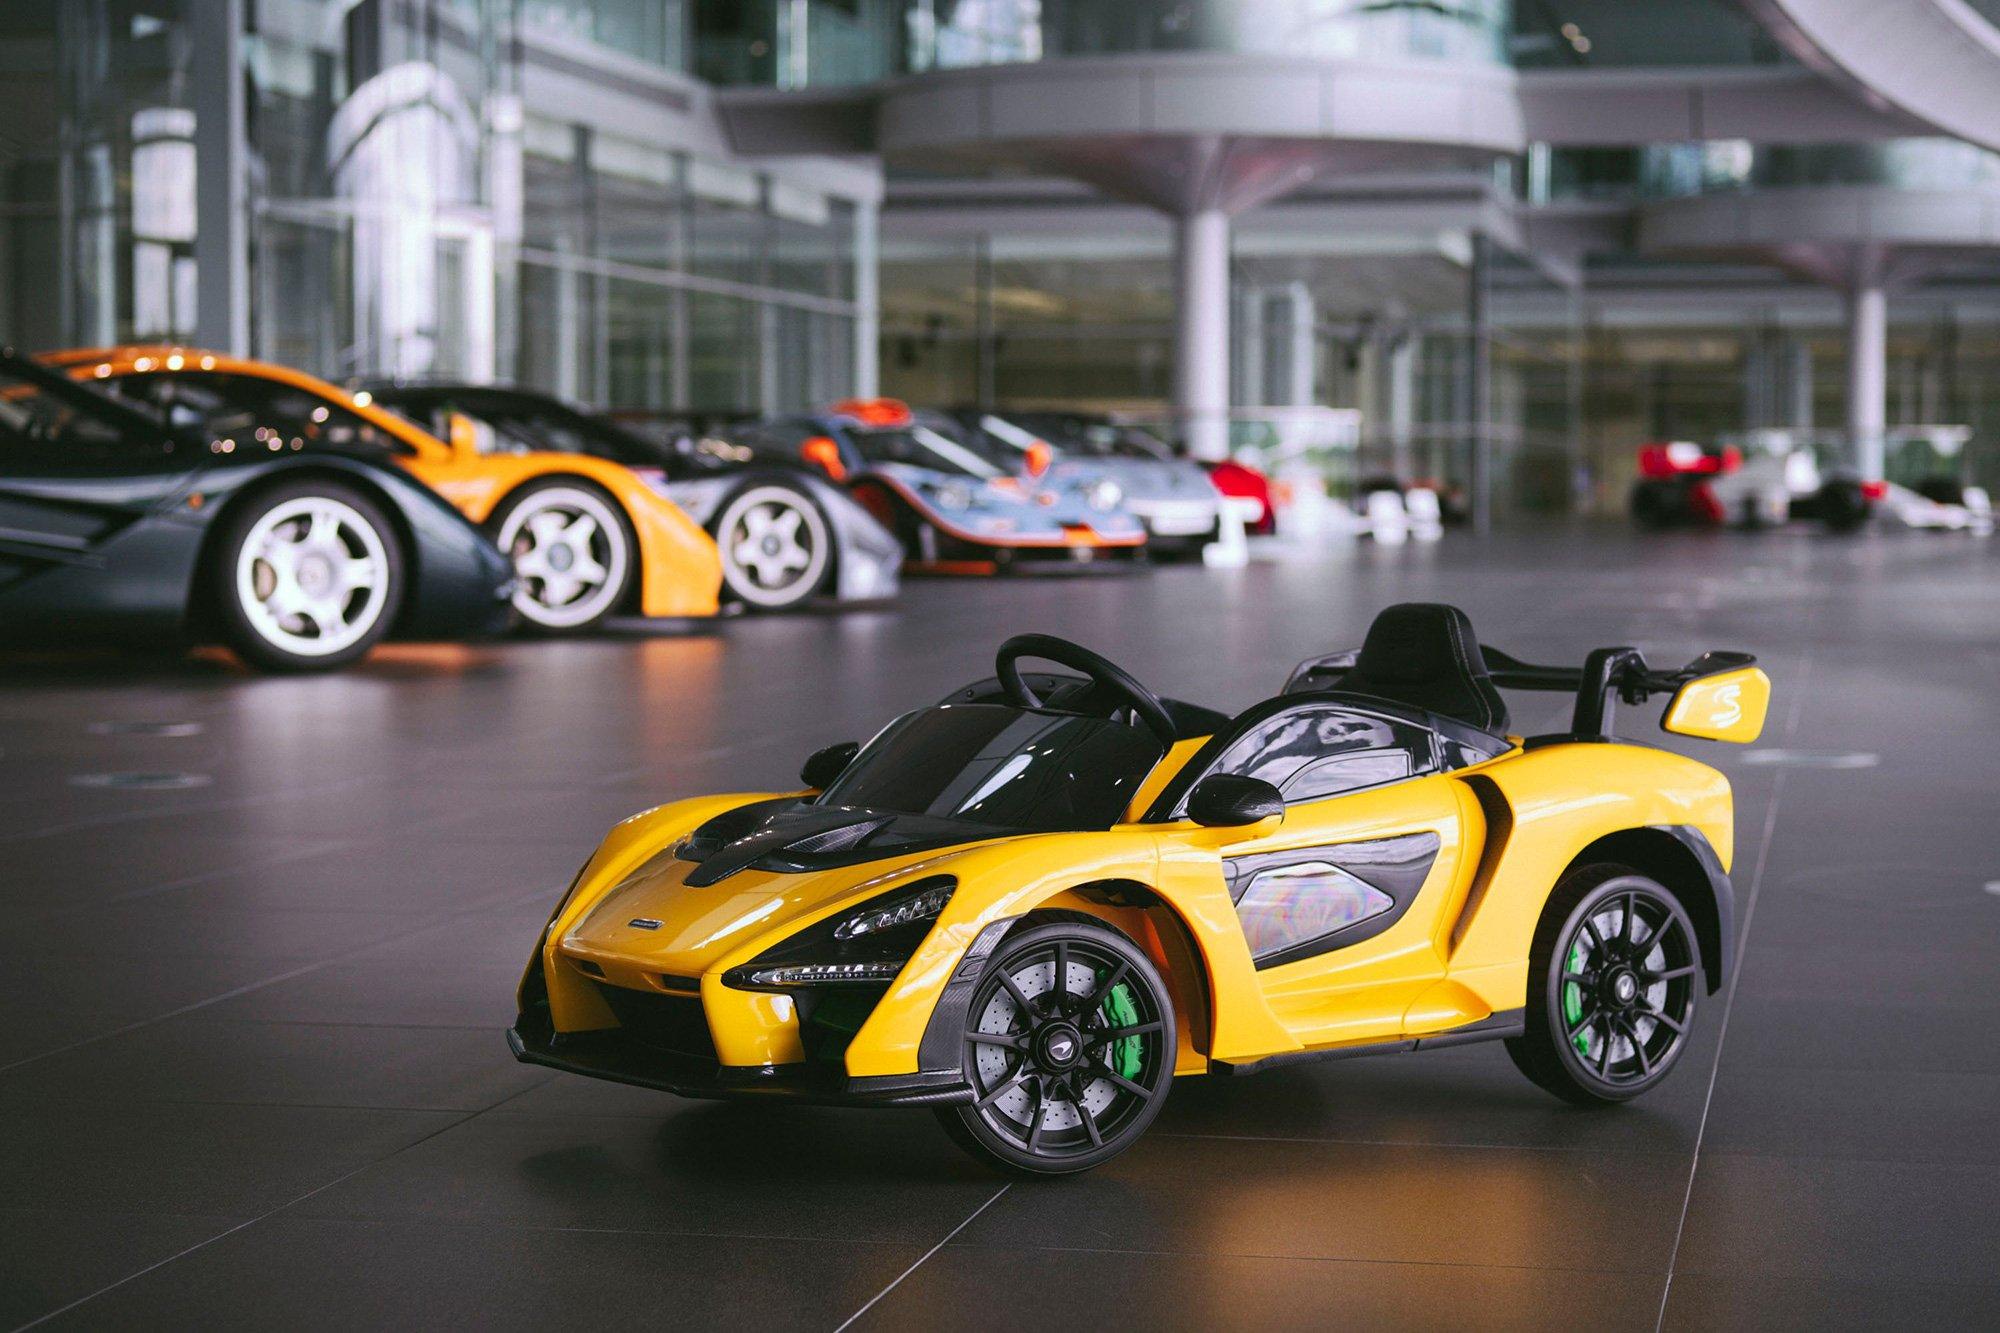 McLaren-Senna-Ride-On-2020